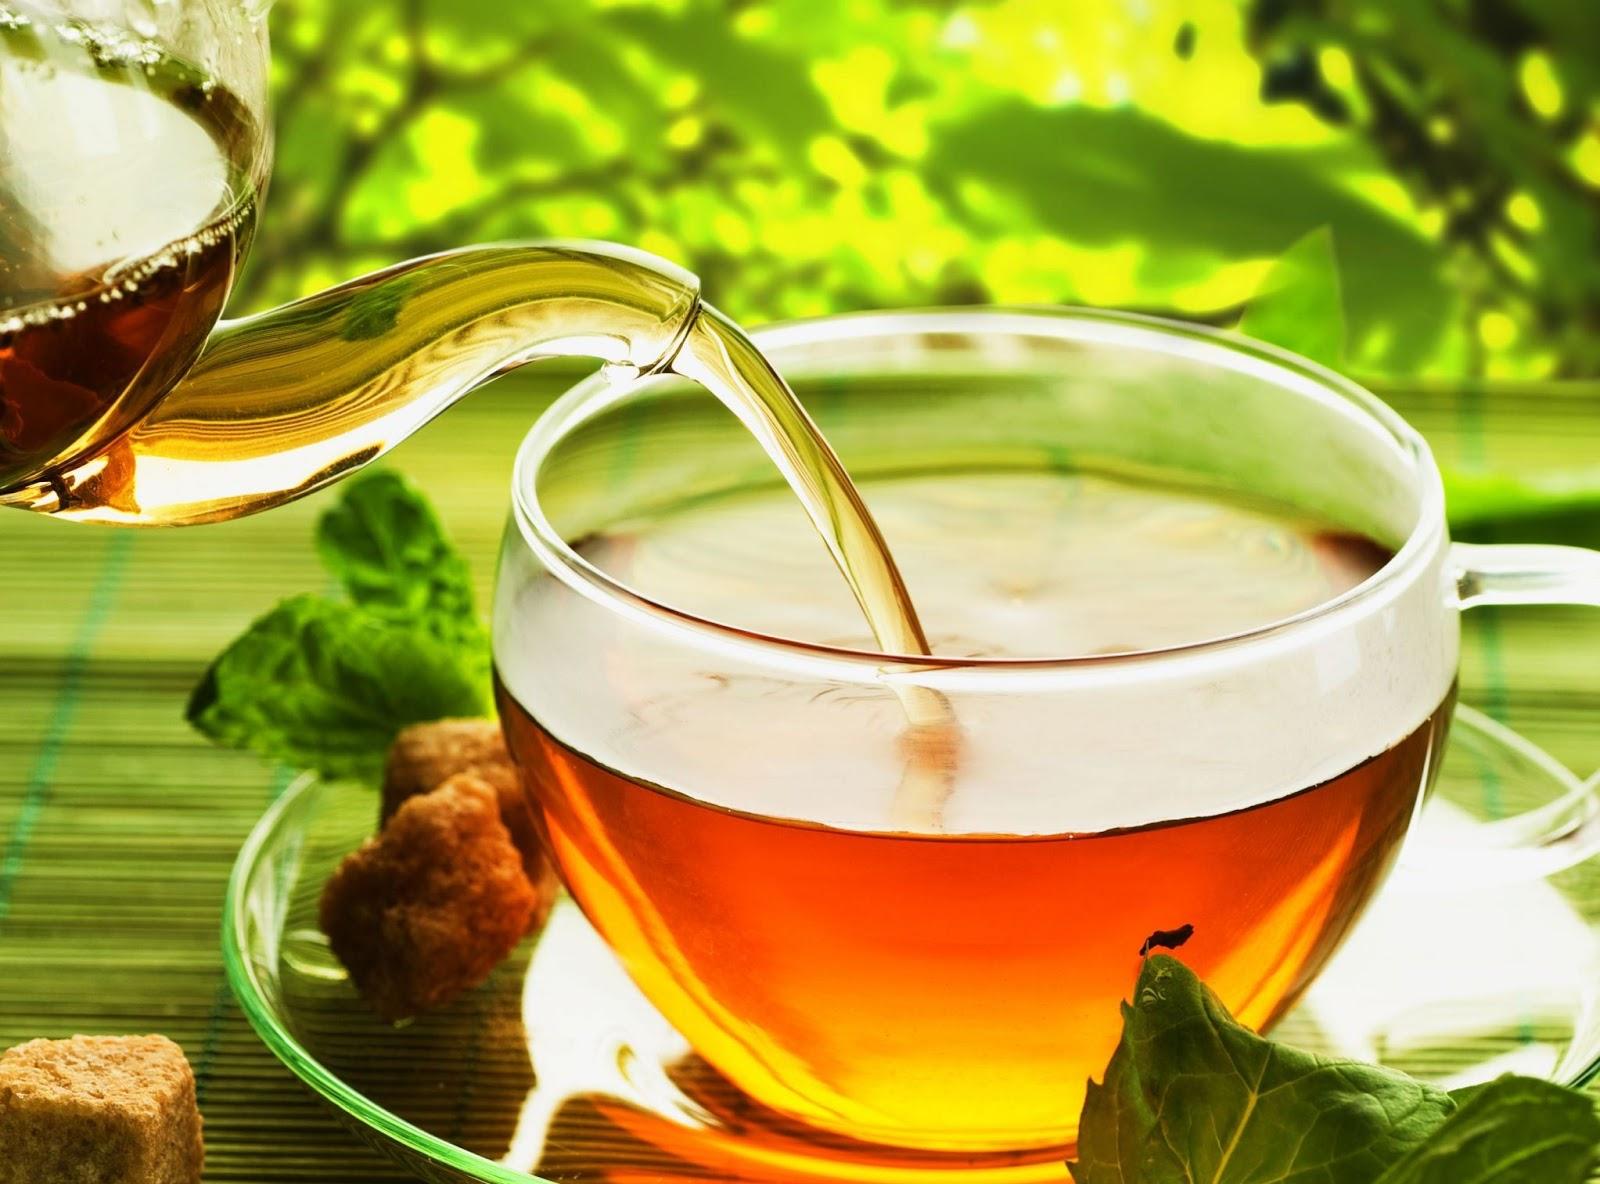 L'effet bénéfique du thé vert sur les cellules tumorales du cancer de la bouche